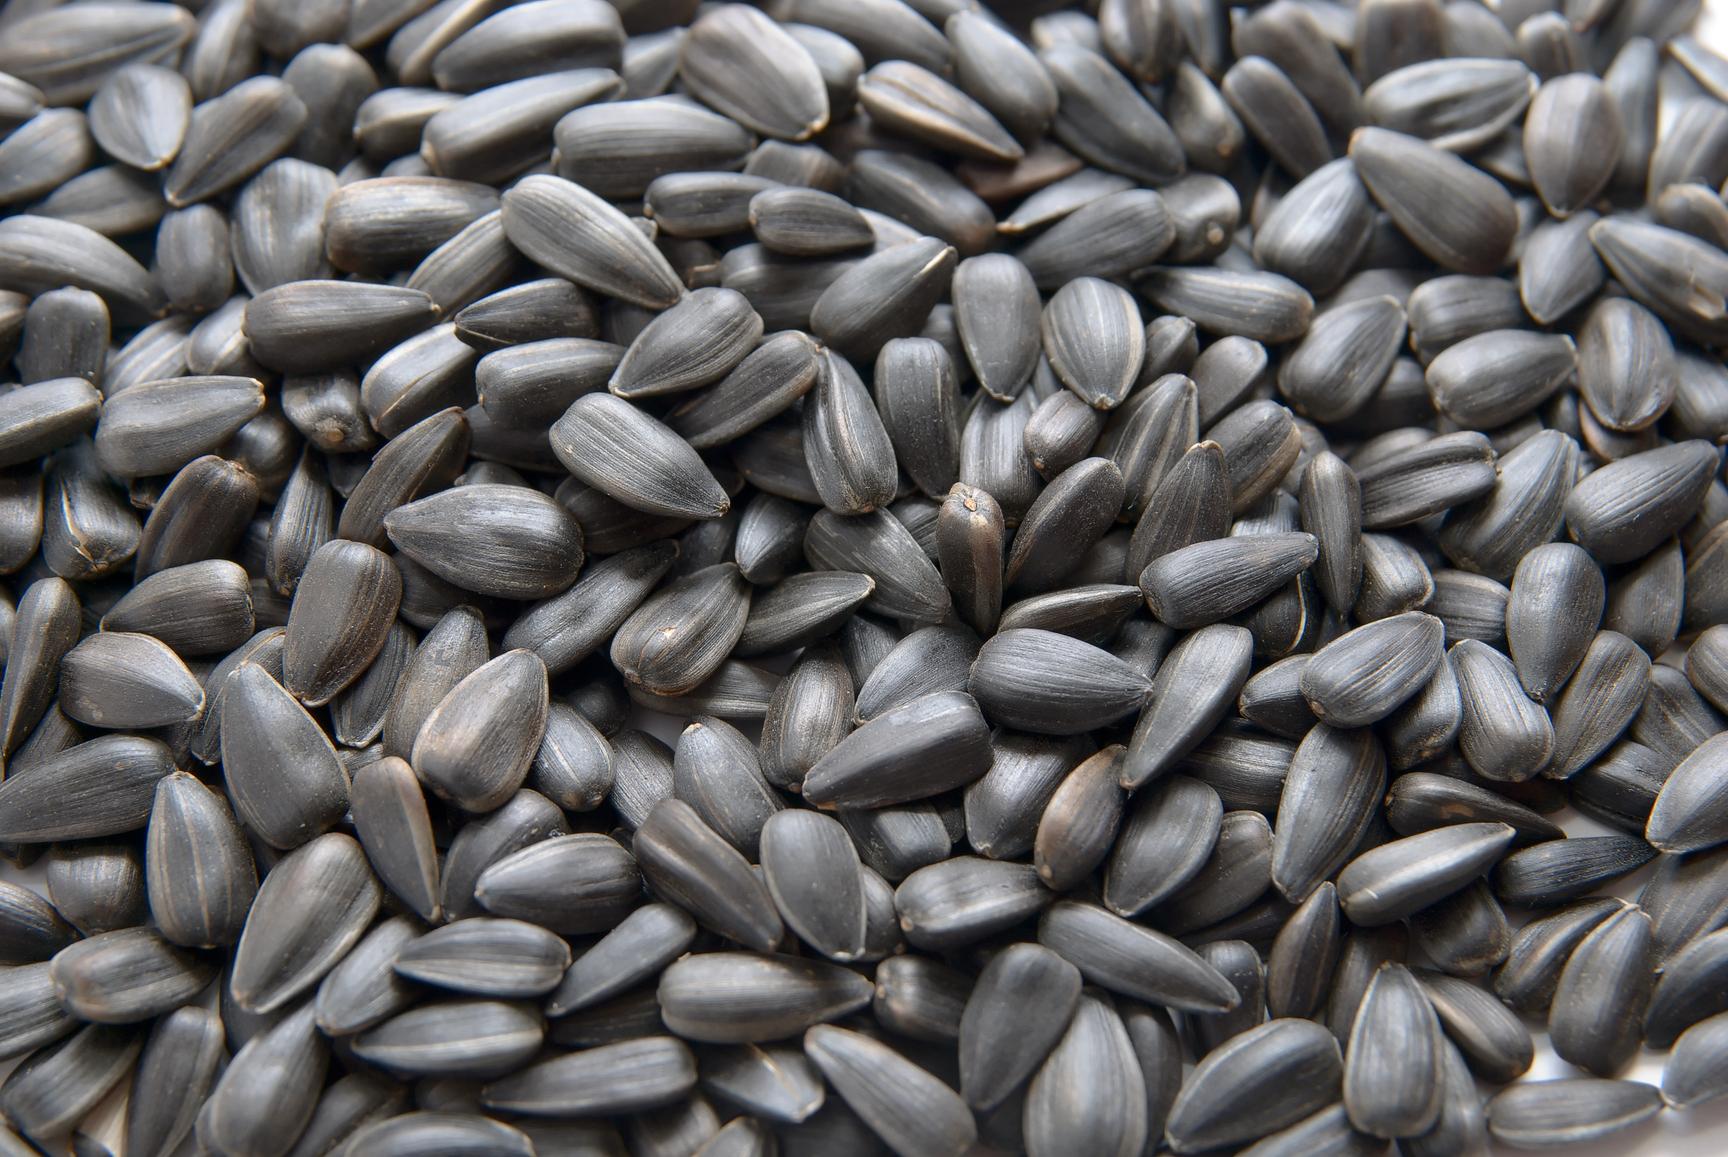 Las semillas de girasol aumentan la economía de la economía de California - Green Blog - ANR Blogs